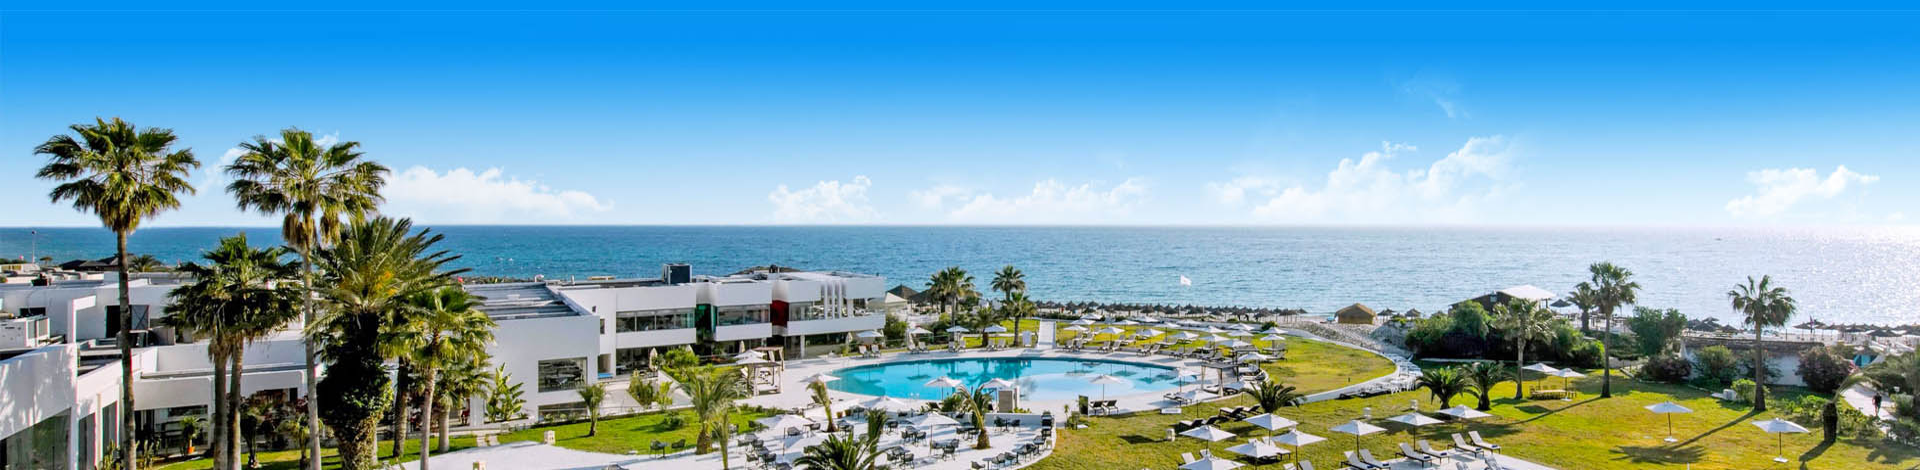 Luxe all inclusive hotel aan zee in Hammamet, Tunesië